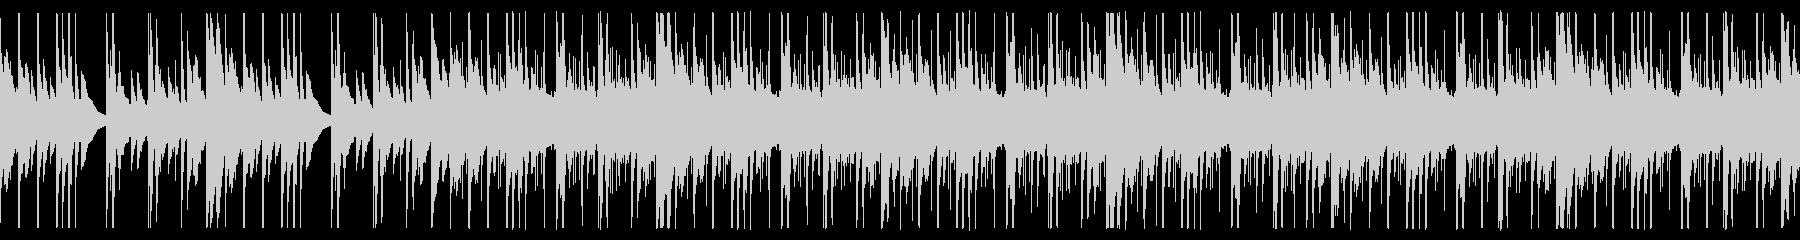 ほのぼのしたアウトドア系キャンプBGMの未再生の波形